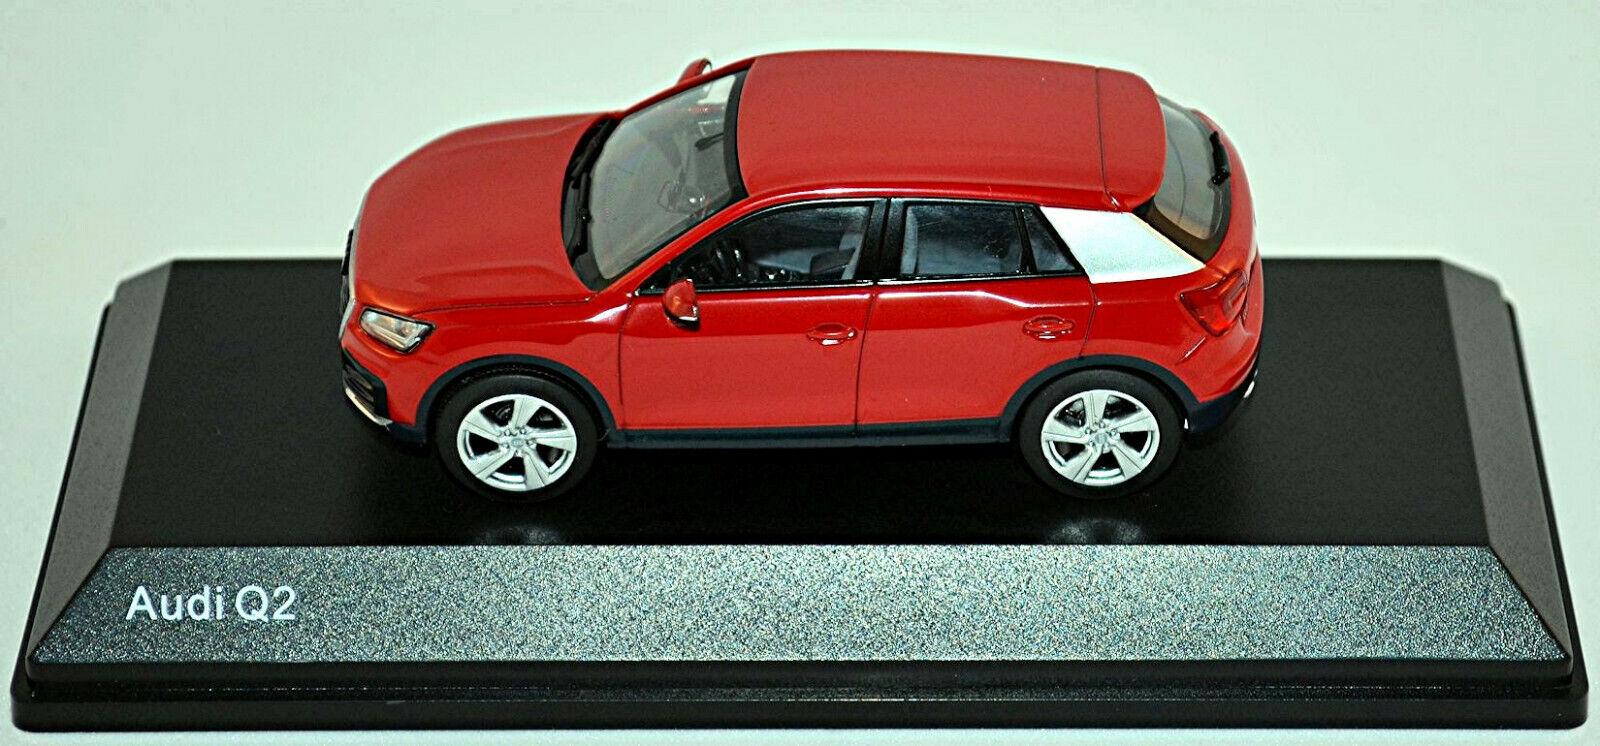 Original Audi Q2 GA Modellauto 1:43 Tangorot Modell Audi Q2 Typ GA Rot 1:43